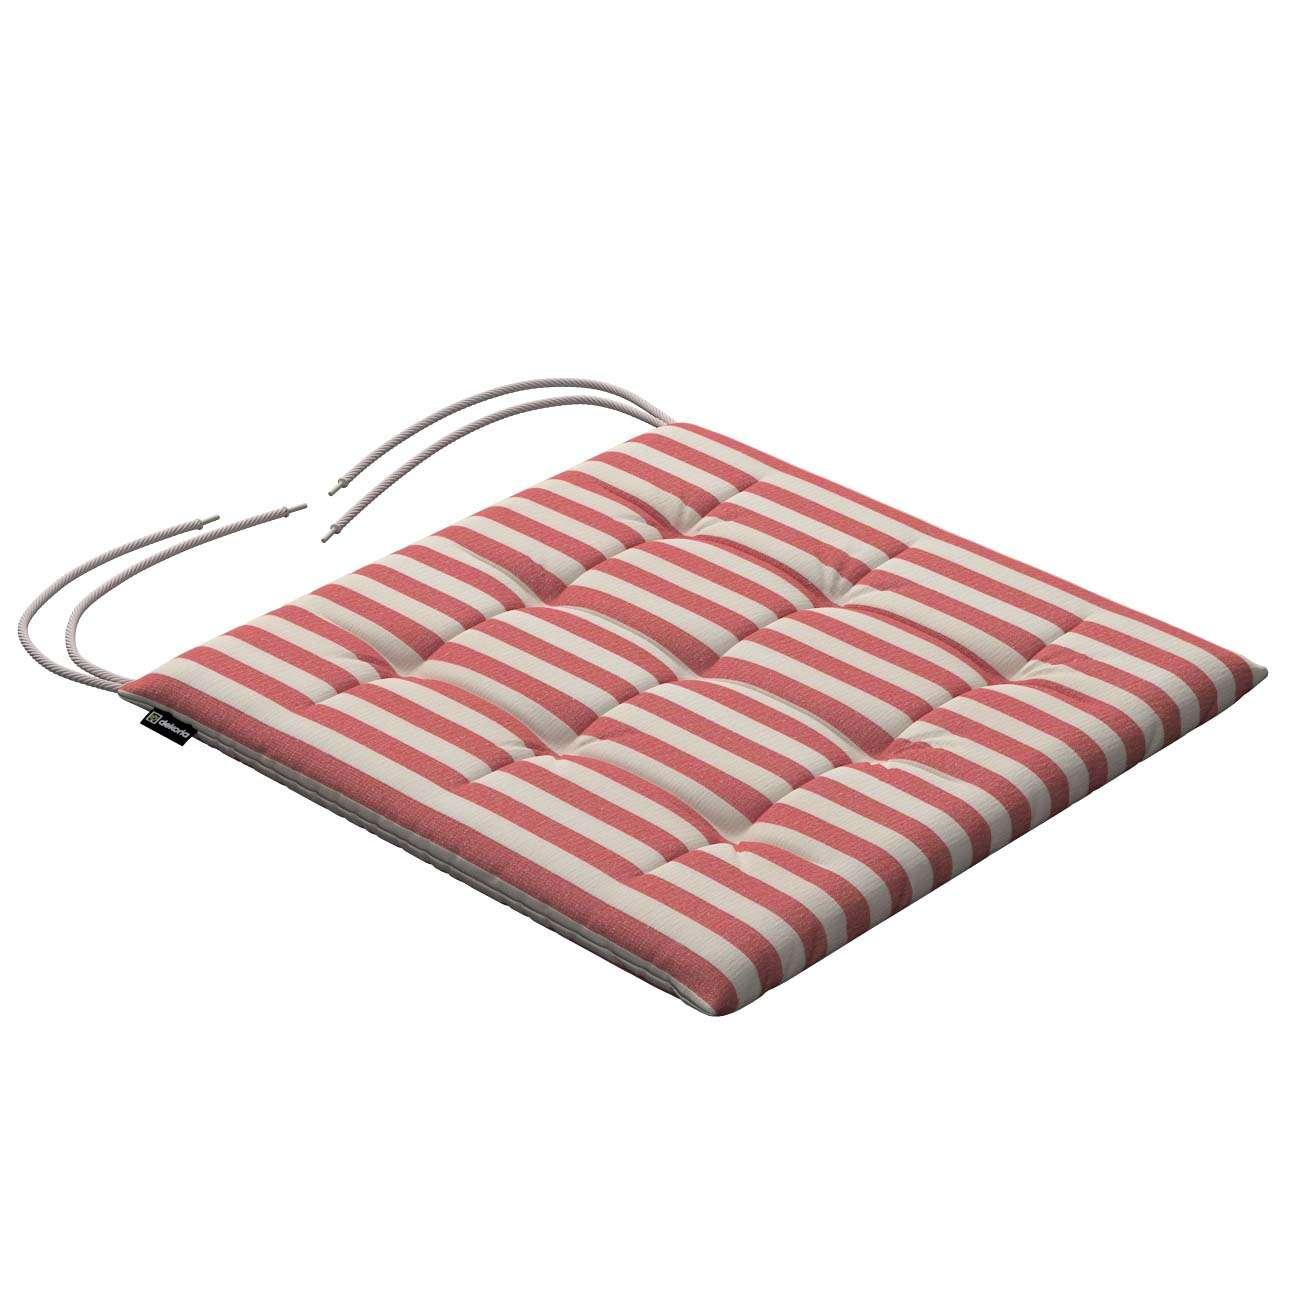 Kėdės pagalvėlė Karol  40 x 40 x 3,5 cm kolekcijoje Quadro, audinys: 136-17